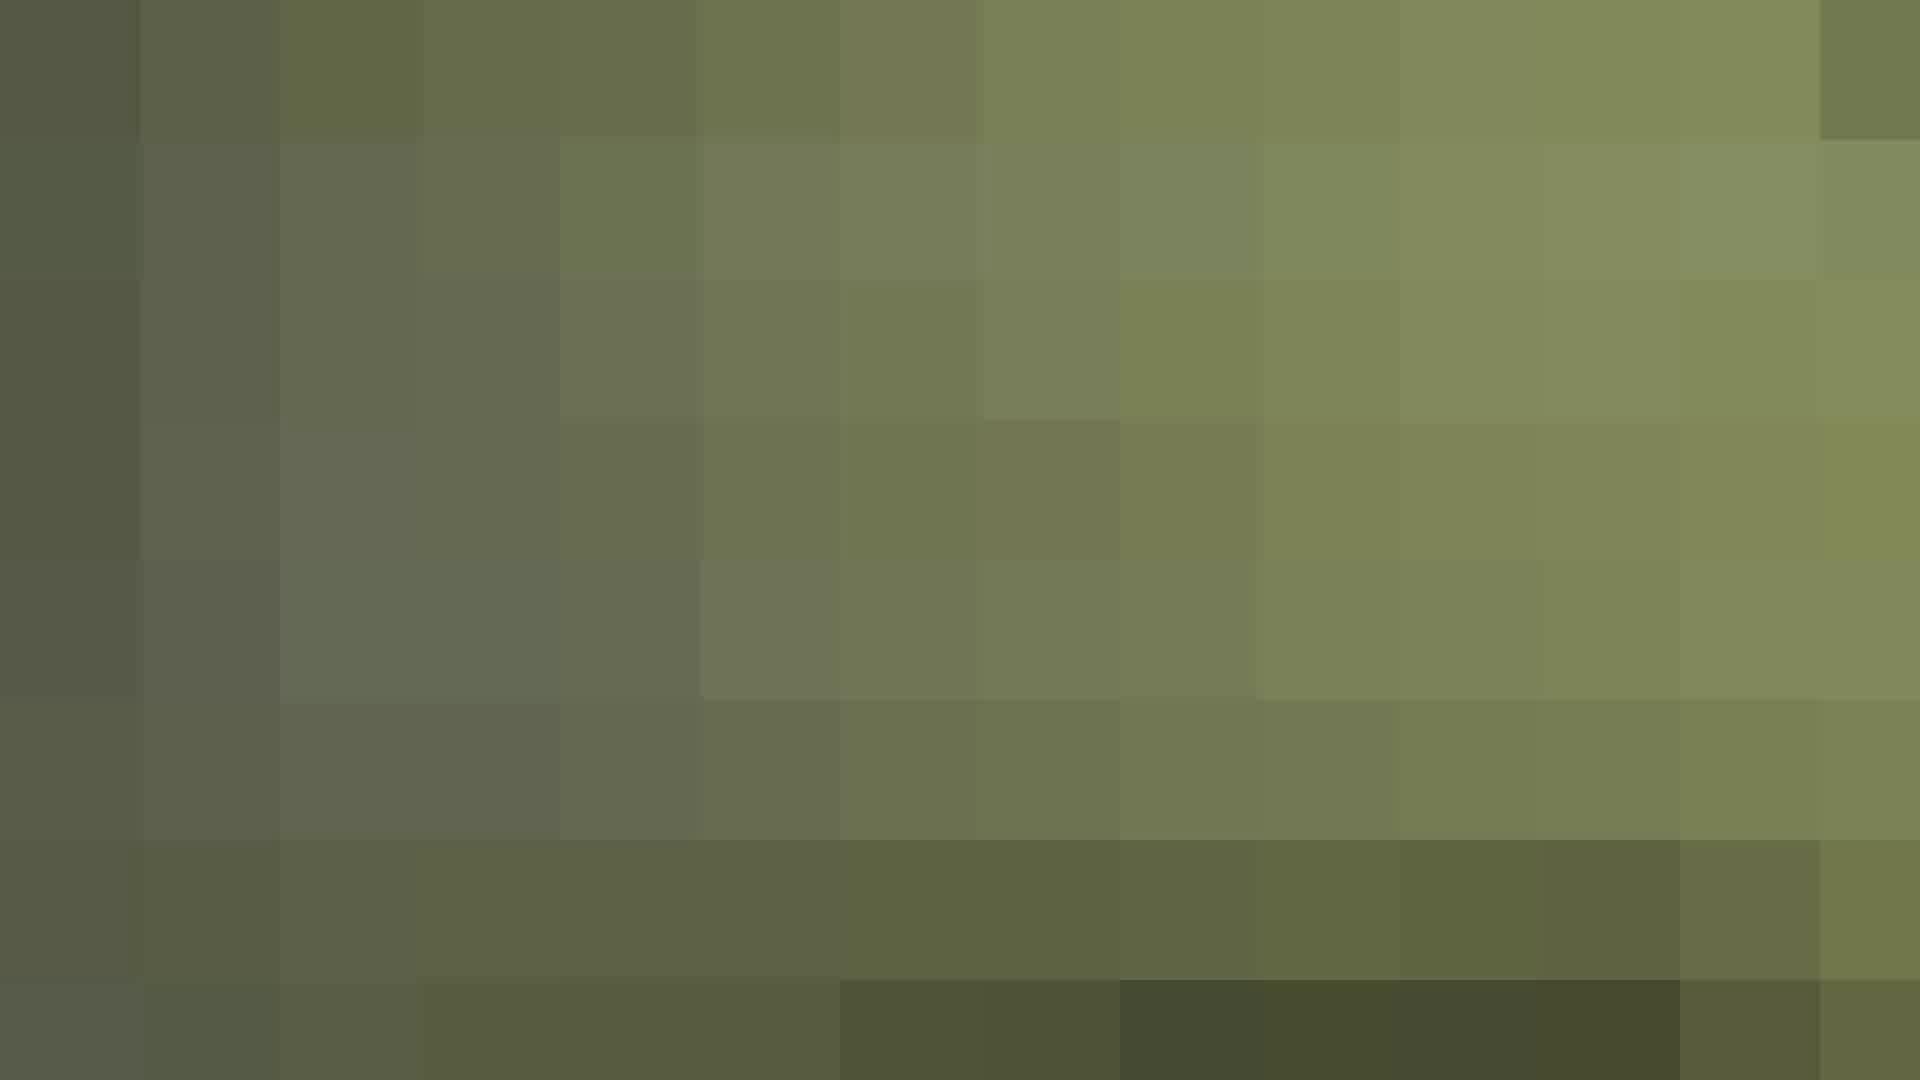 【美しき個室な世界】 vol.022 ヒクヒクさんたち OLの実態  92pic 4